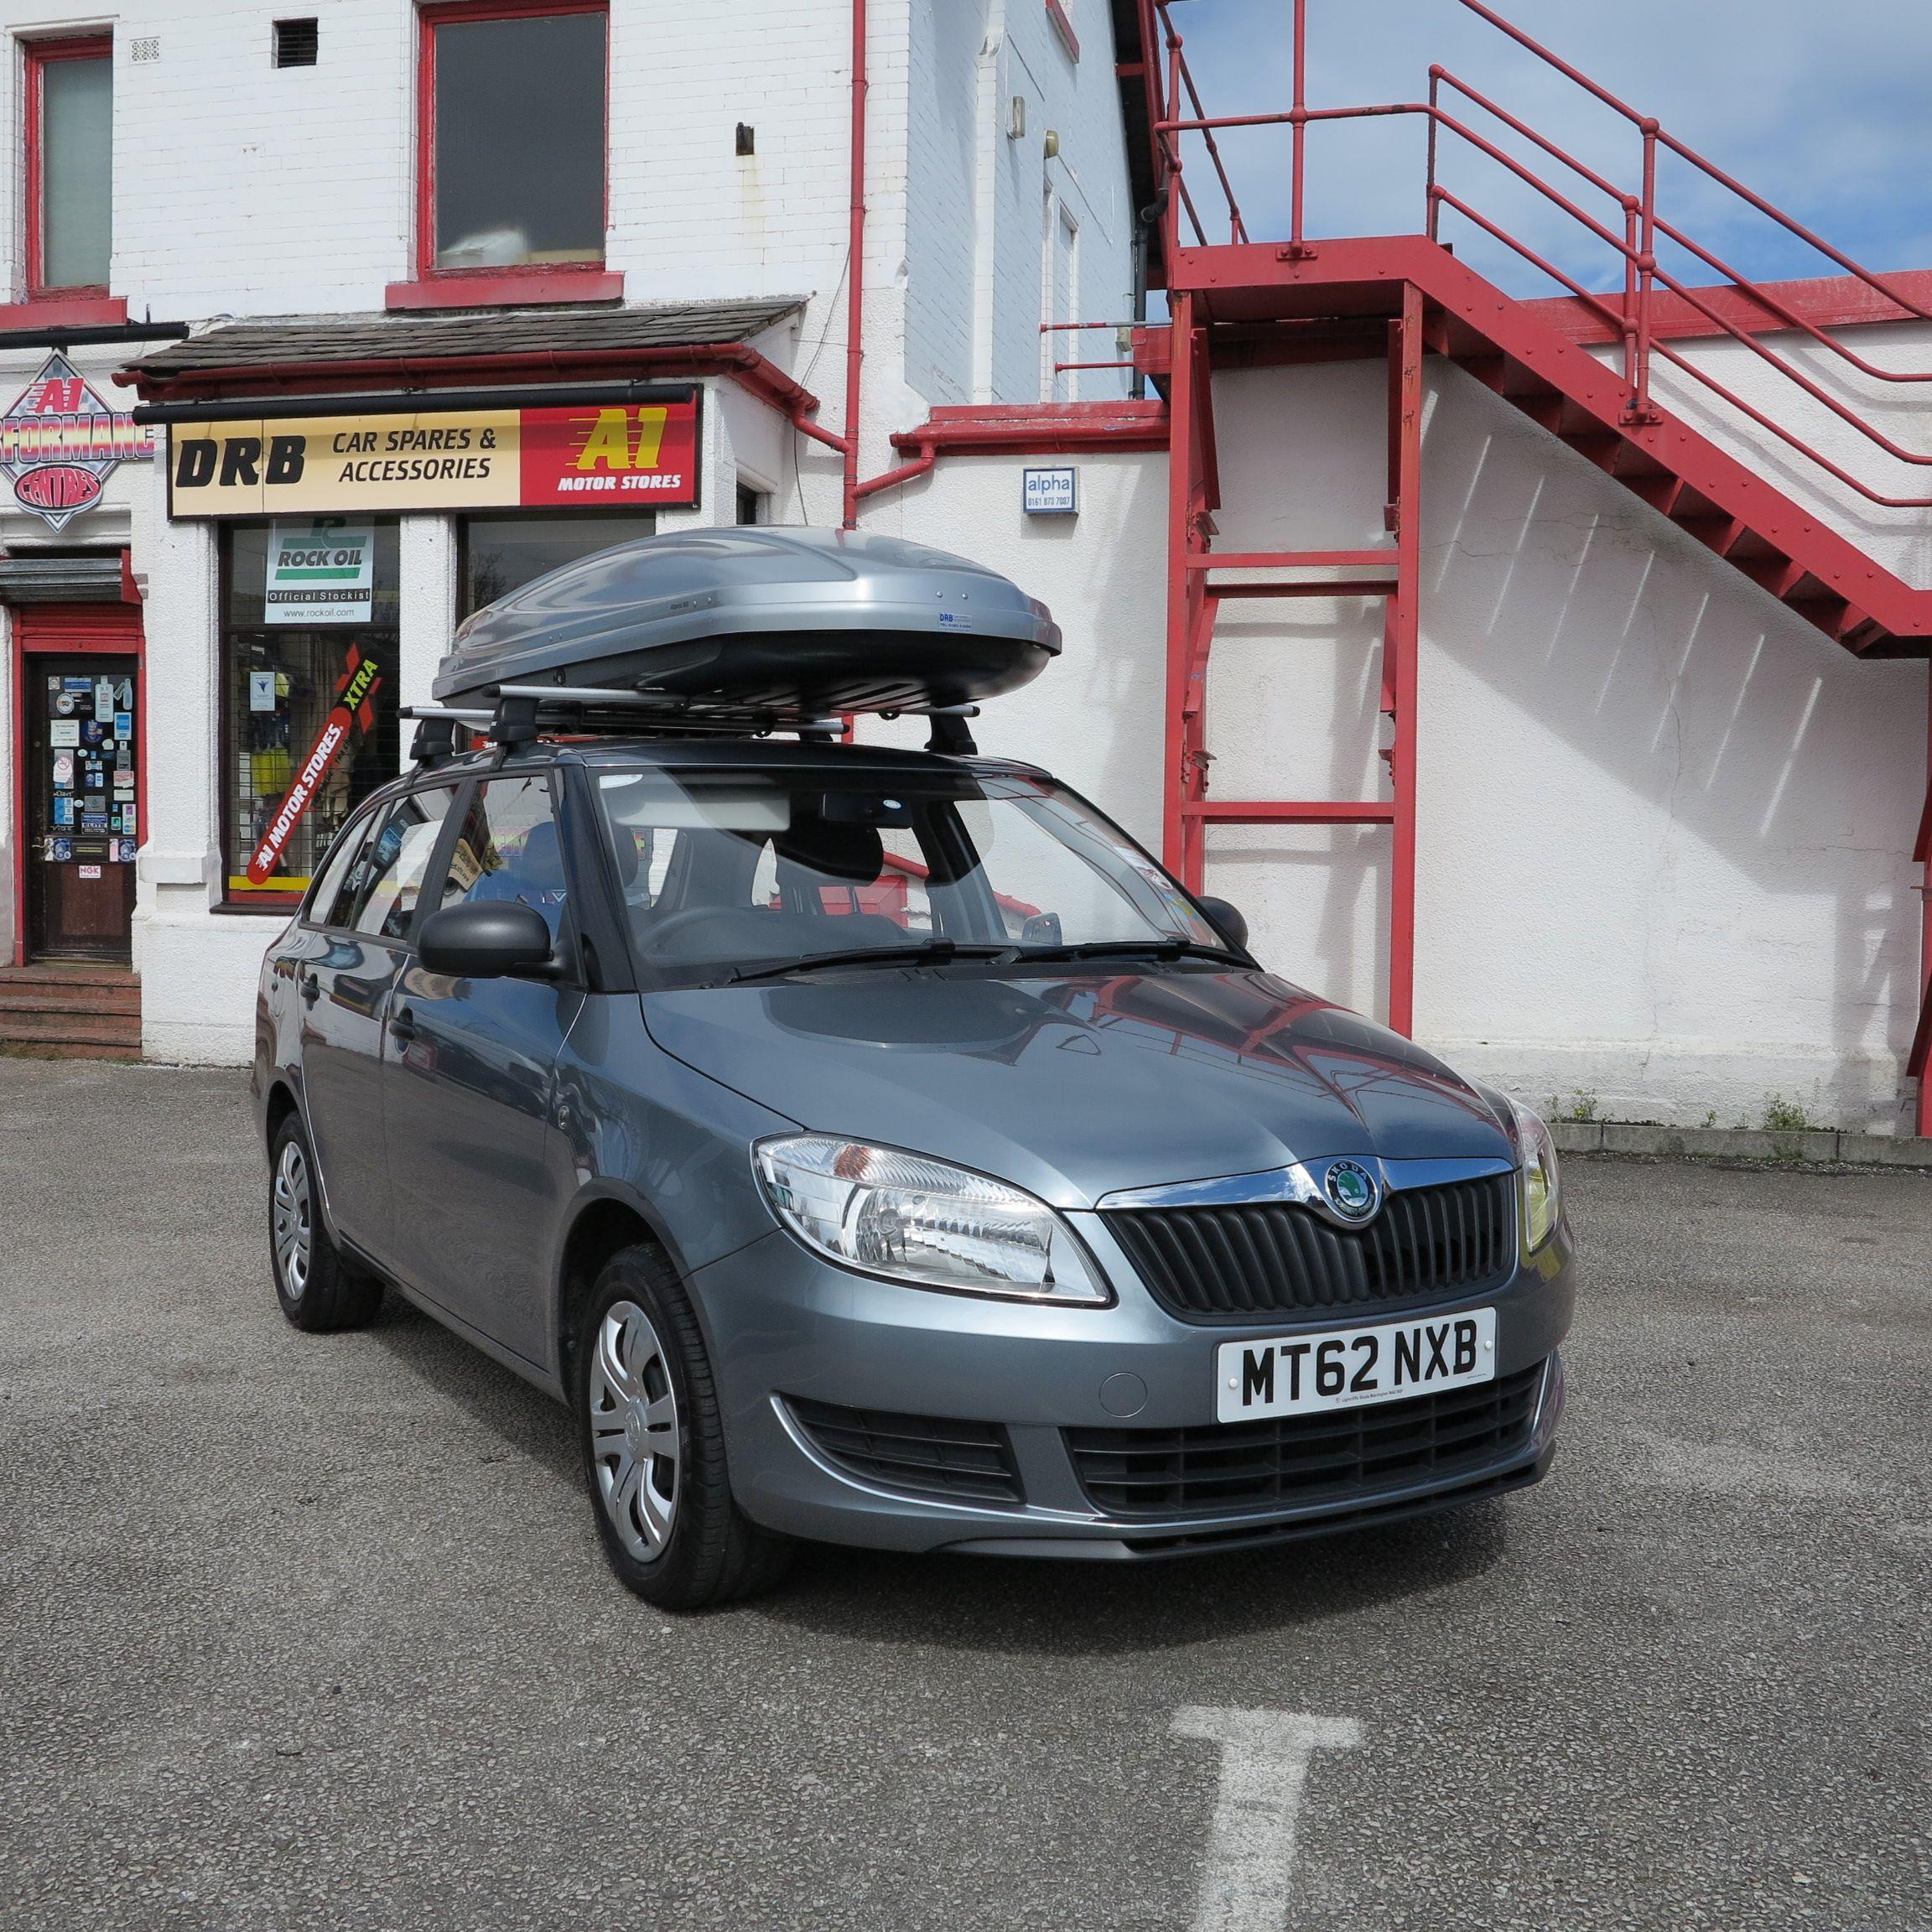 Thule Top Box on Skoda Fabia DRB Car Spares & Accessories Car